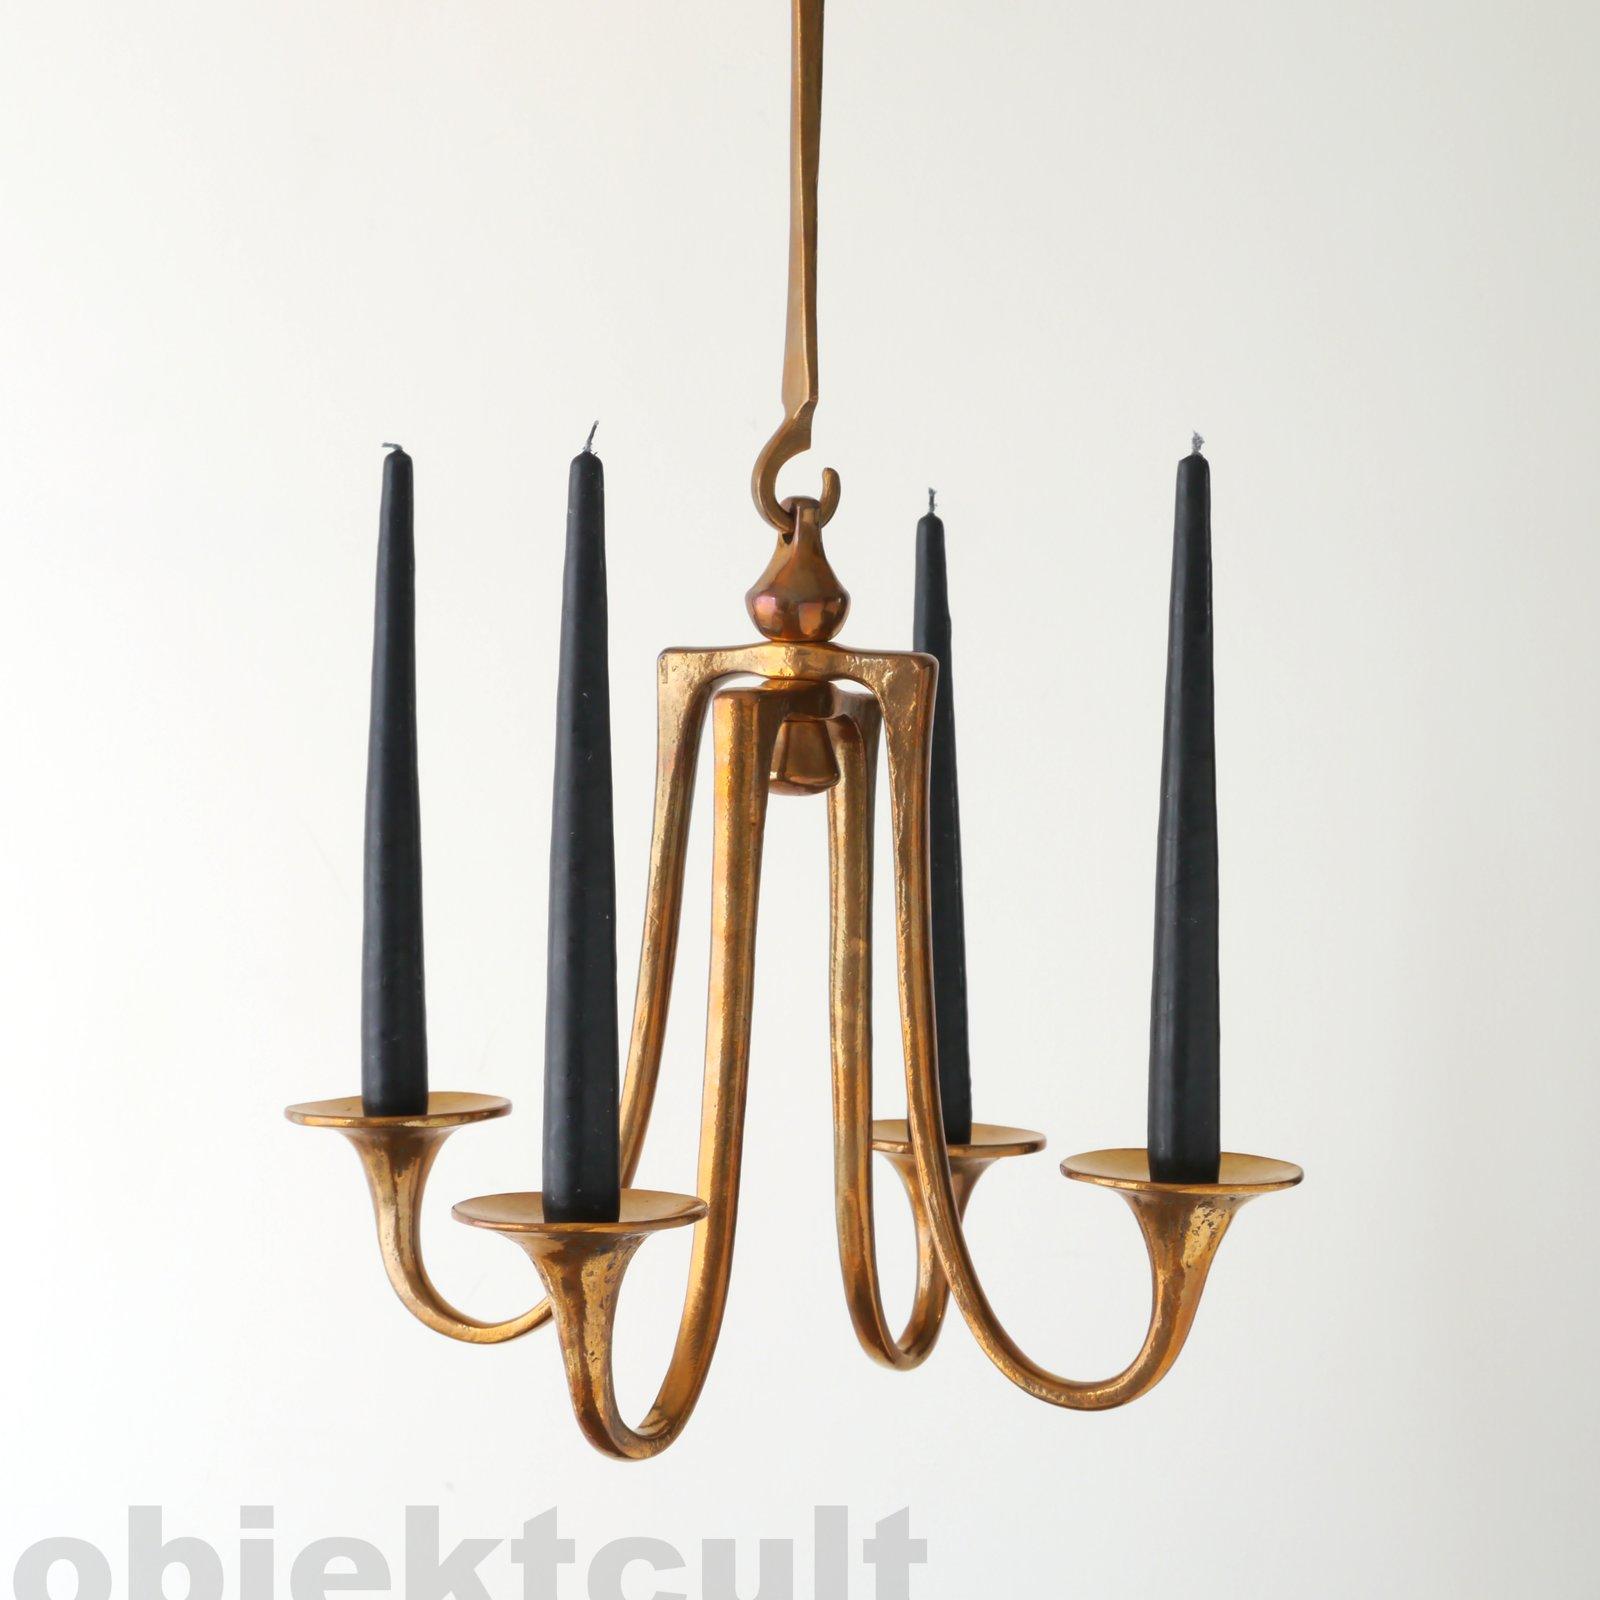 harjes bronze jugendstil art nouveau 4flam kronleuchter h ngeleuchter chandelier ebay. Black Bedroom Furniture Sets. Home Design Ideas